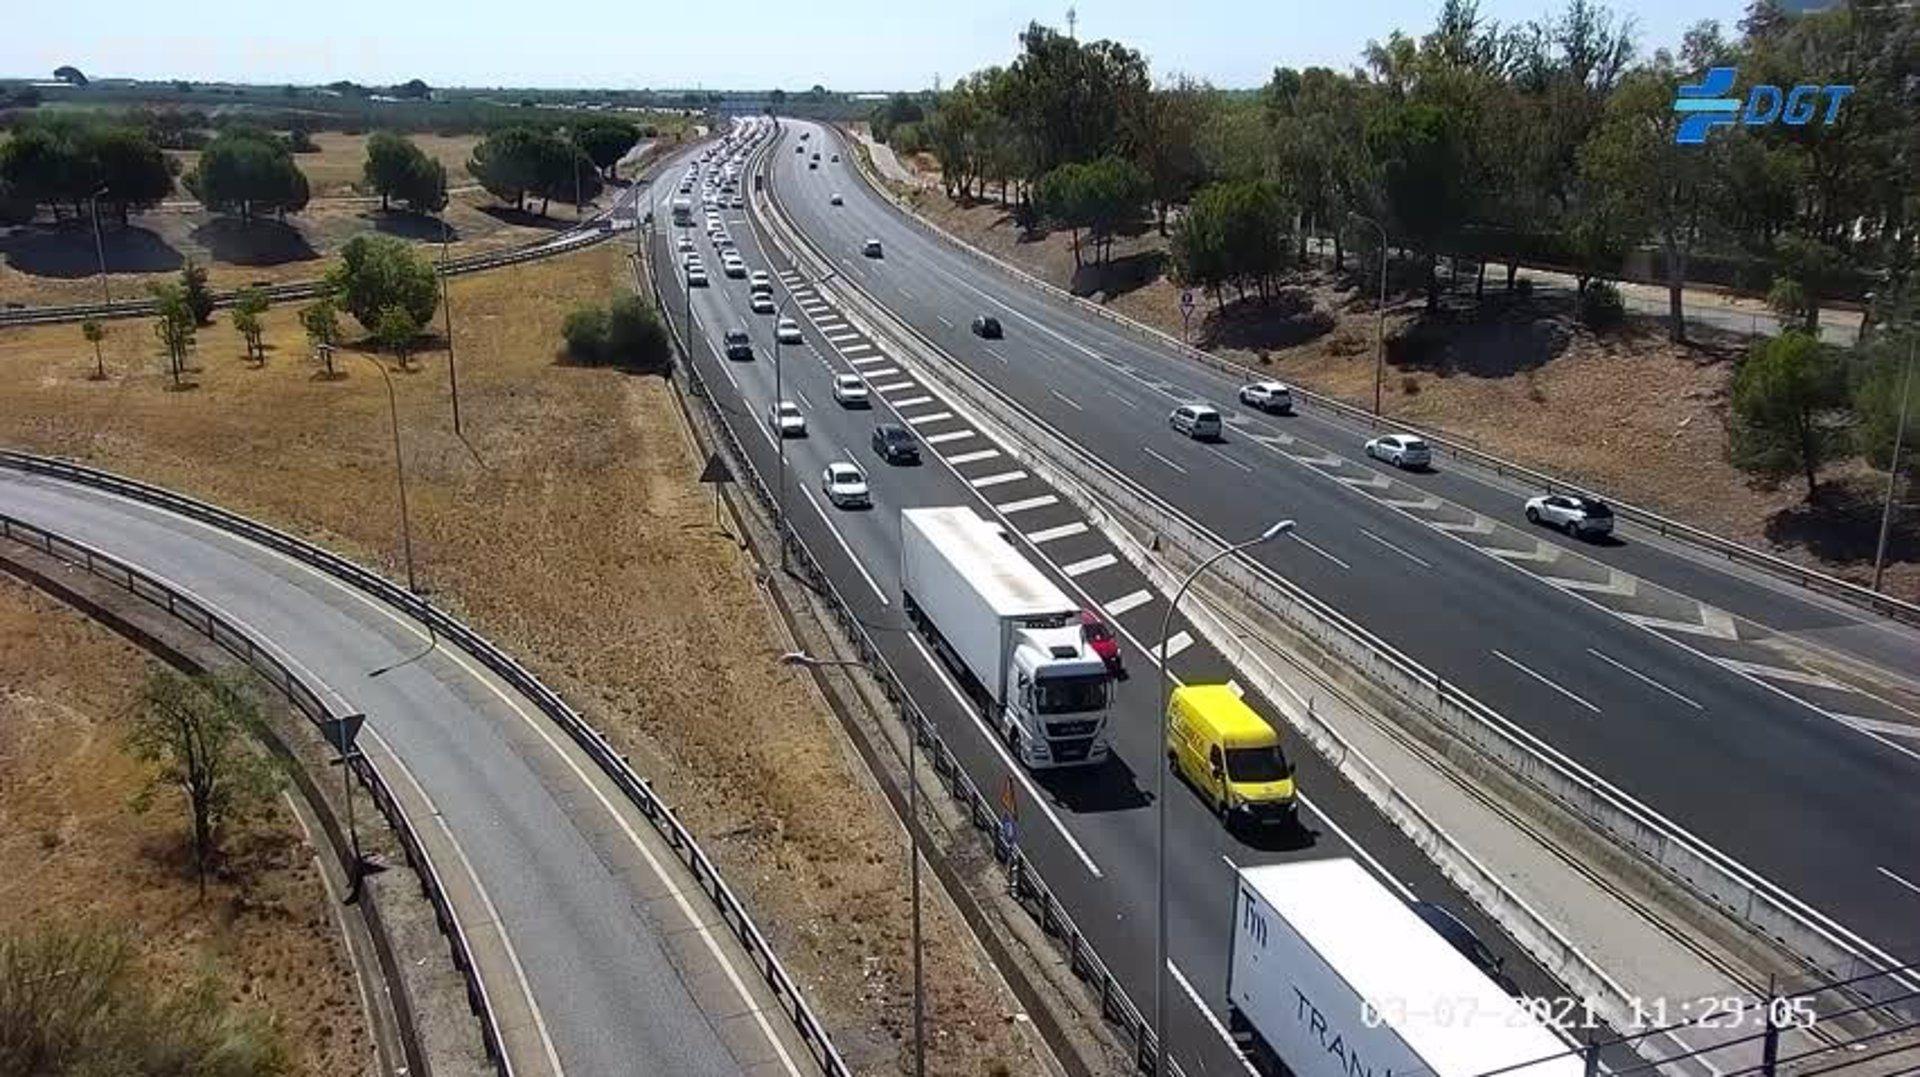 Tráfico prevé casi un millón de desplazamientos en las carreteras andaluzas este fin de semana por la operación retorno